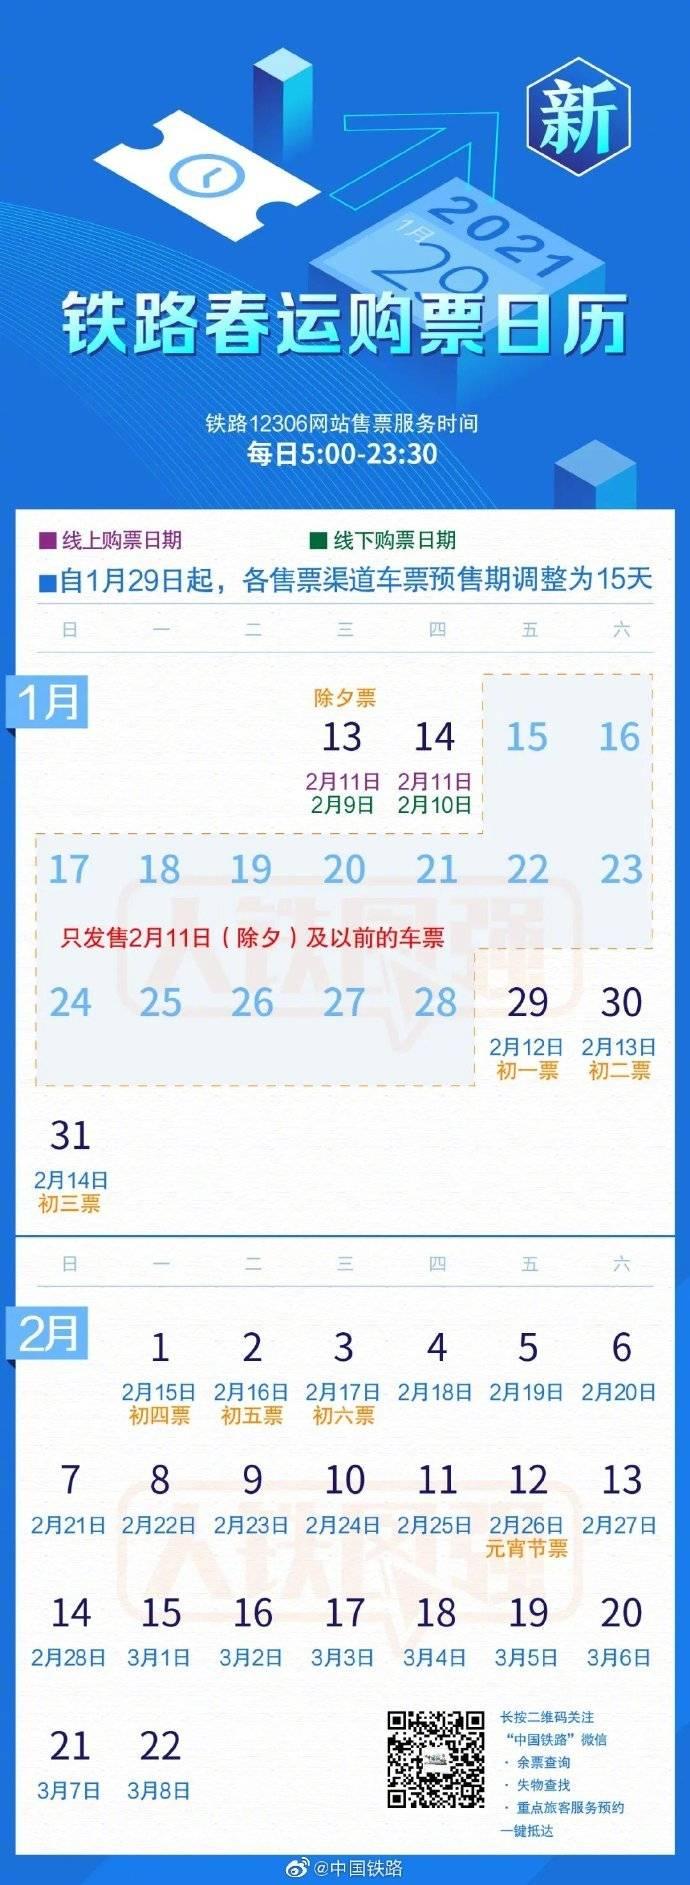 《【杏耀平台手机版登陆】铁路部门调整车票预售期为15天,开车前8天及以上免费退票》